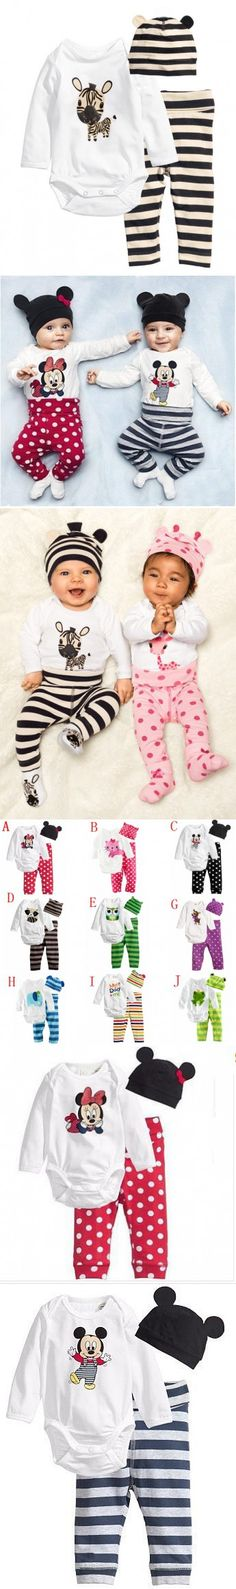 2016 New Baby Clothing Set (Romper+Hat+Pants) Infant Baby Boy Clothes Newborn Baby Girls Clothes Suit Roupas De Bebe Jumpsuit